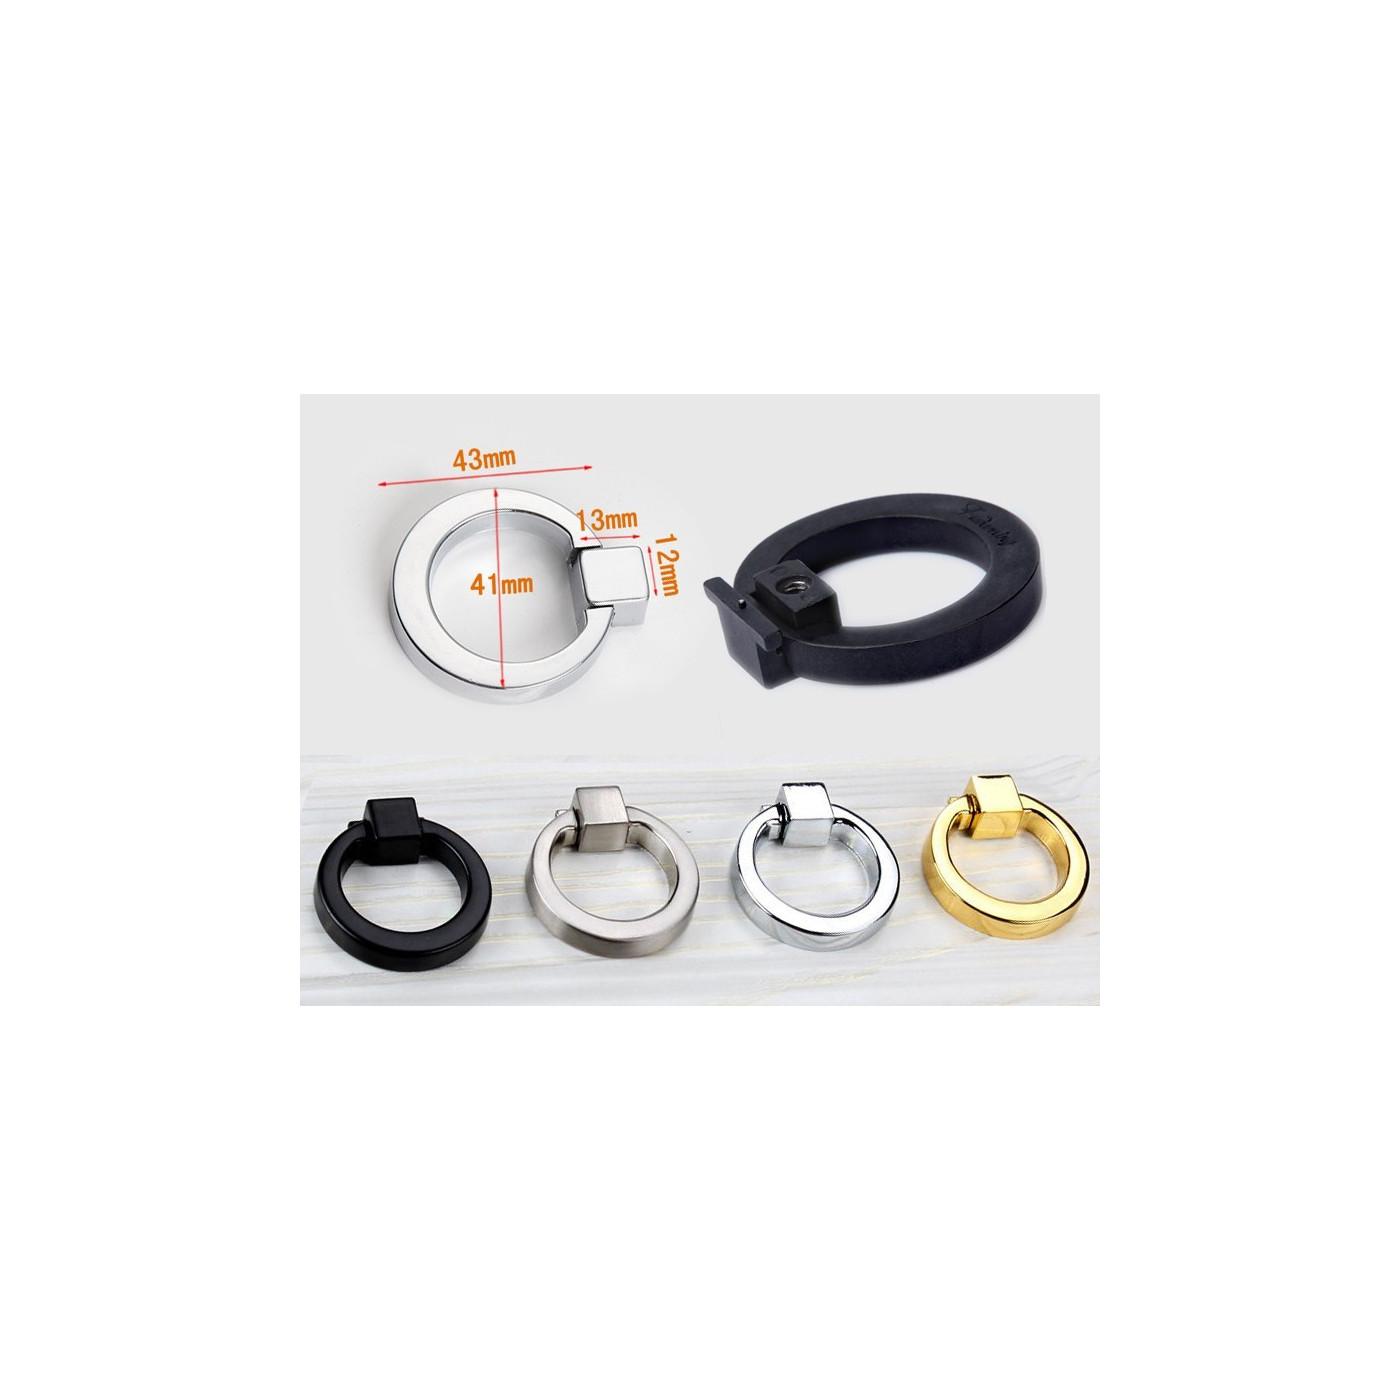 Set van 5 metalen ringen (chroom), handgrepen  - 1